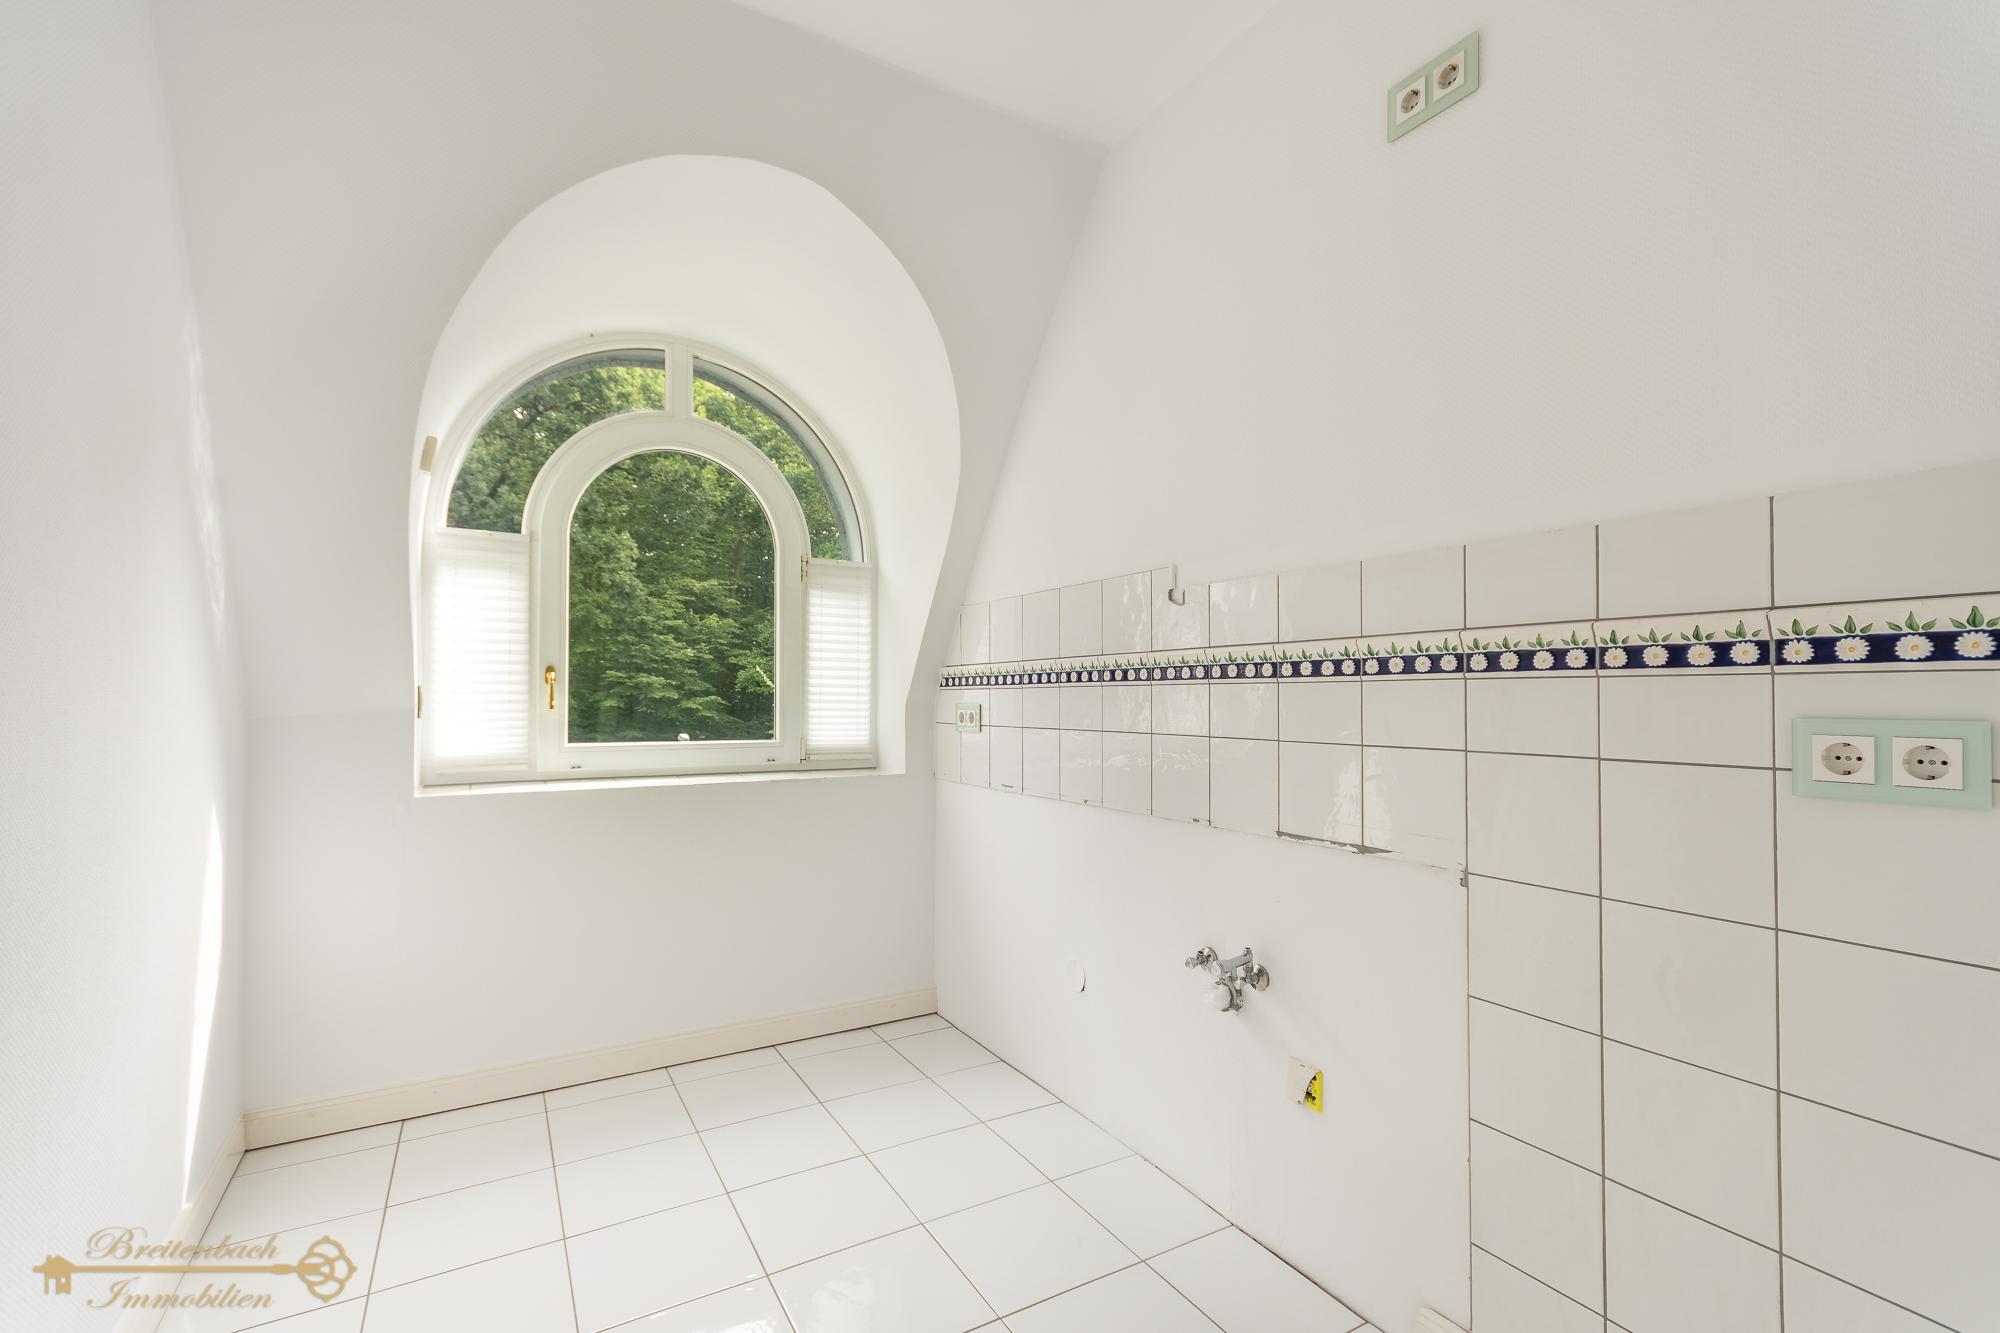 2020-06-24-Breitenbach-Immobilien-19